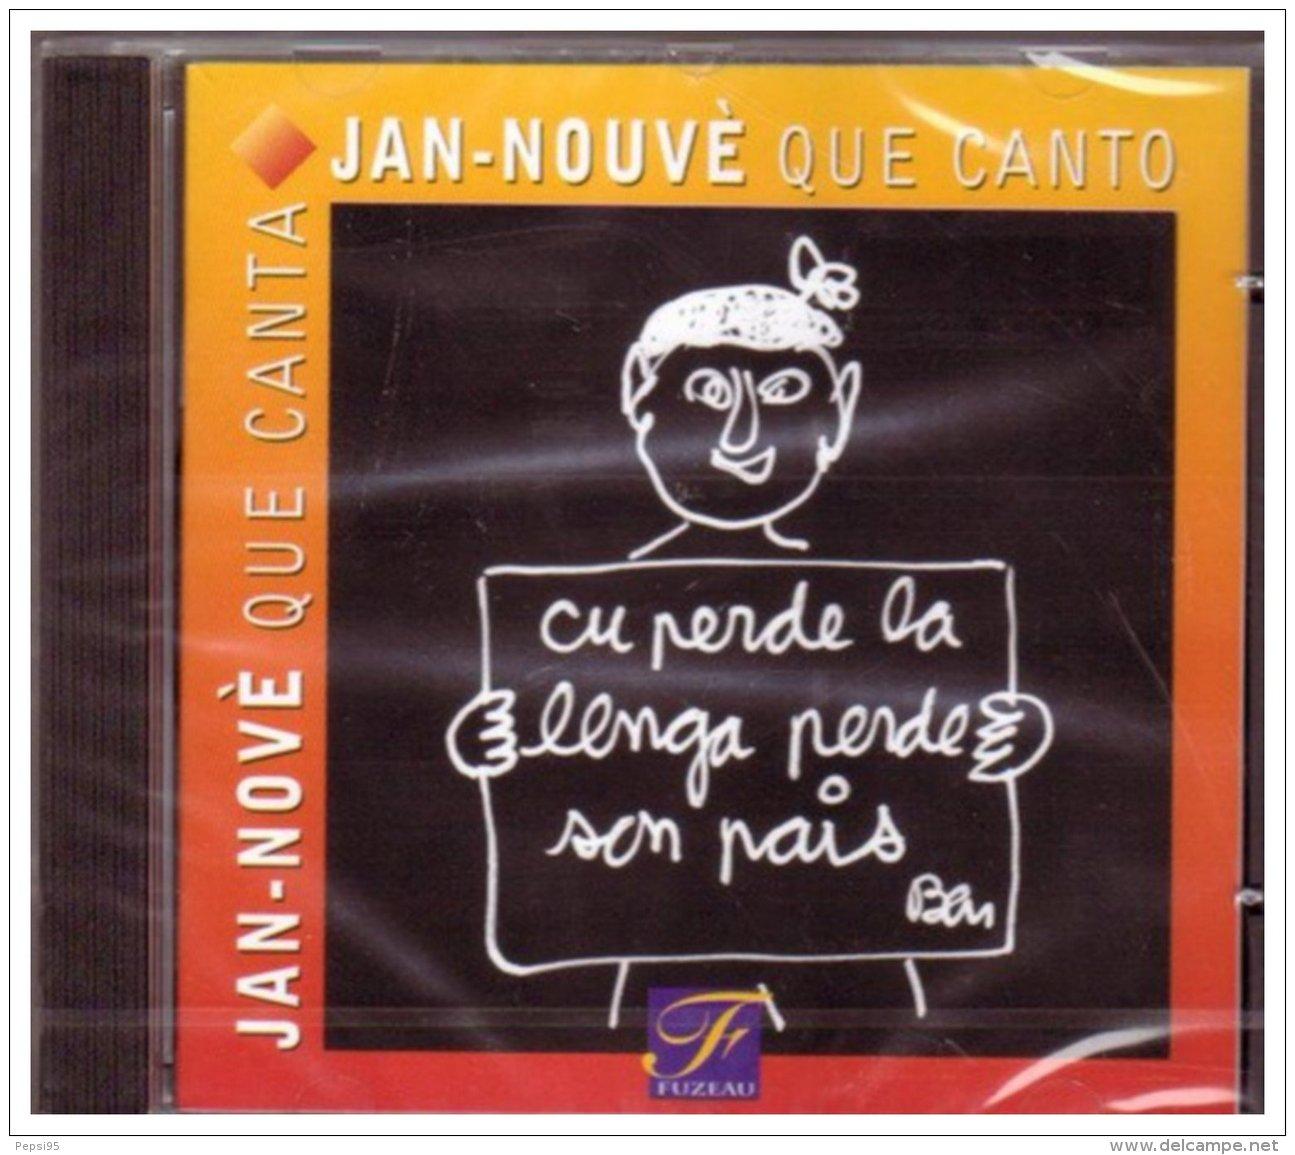 Jan-Novè Que Canta - Jan-Nouvè Que Canto - Ohne Zuordnung